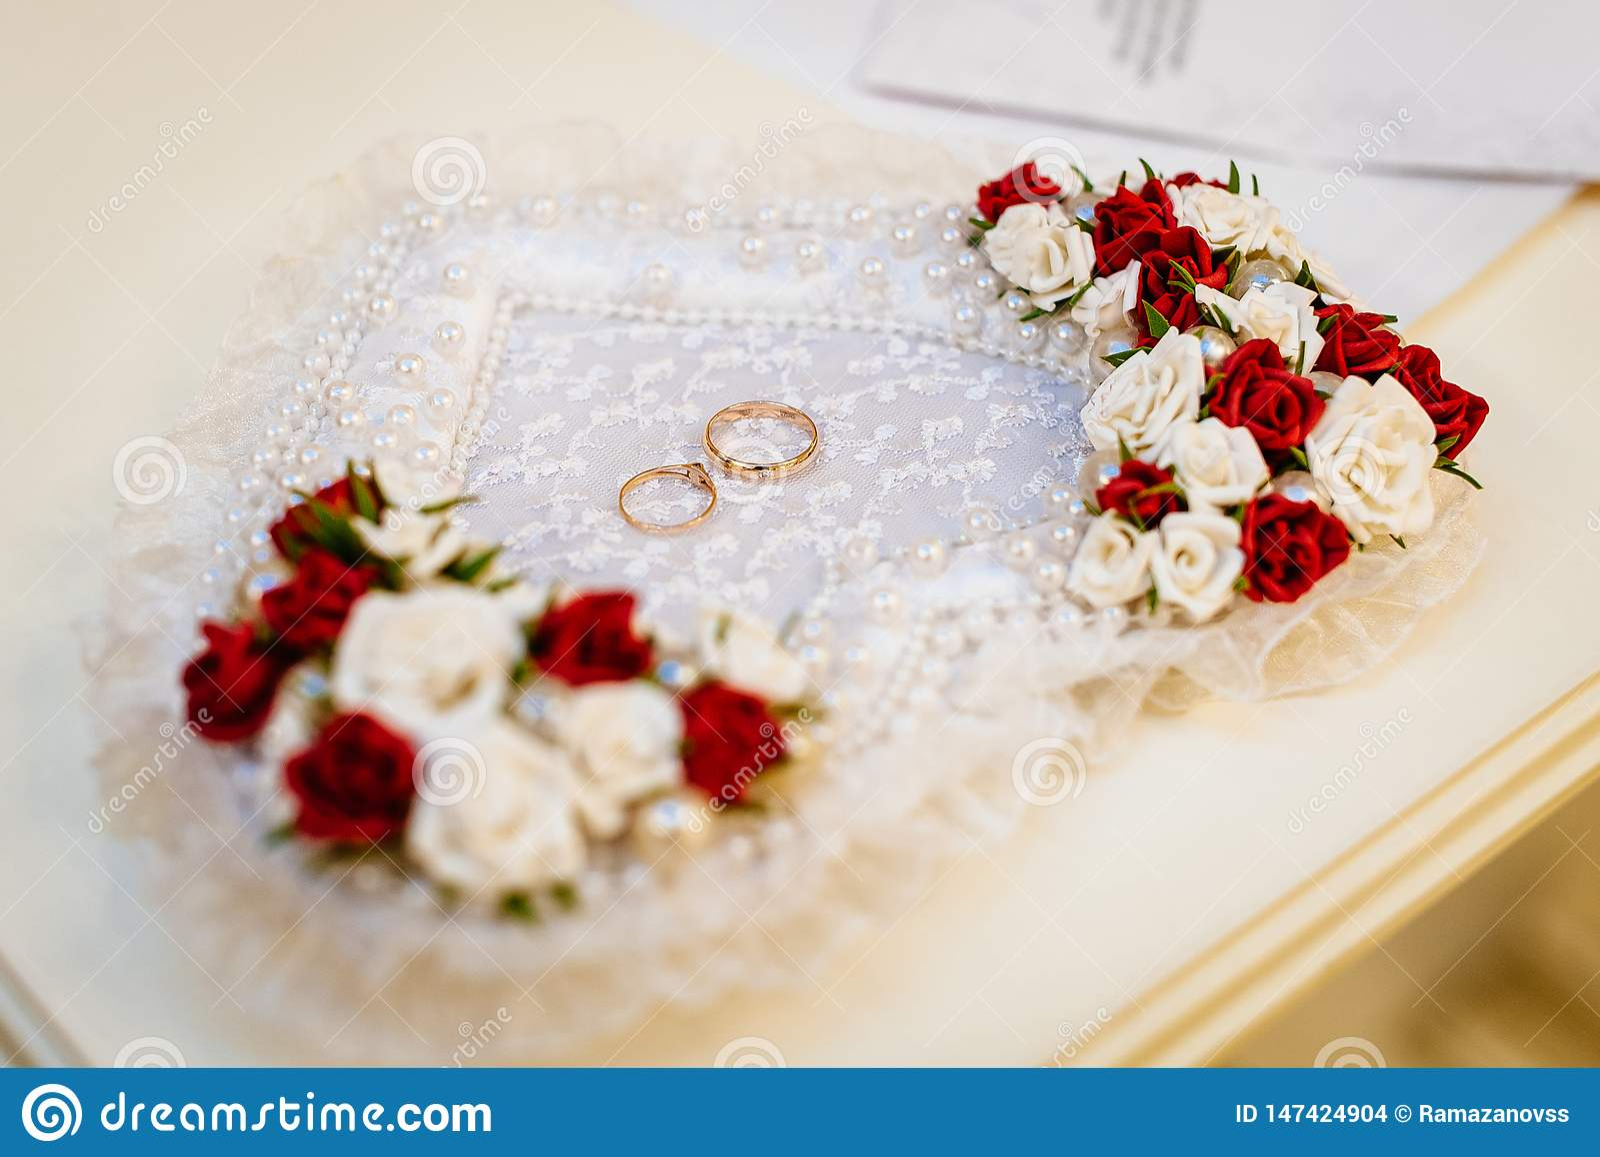 Alianças de casamento em um descanso coração-dado forma com flores